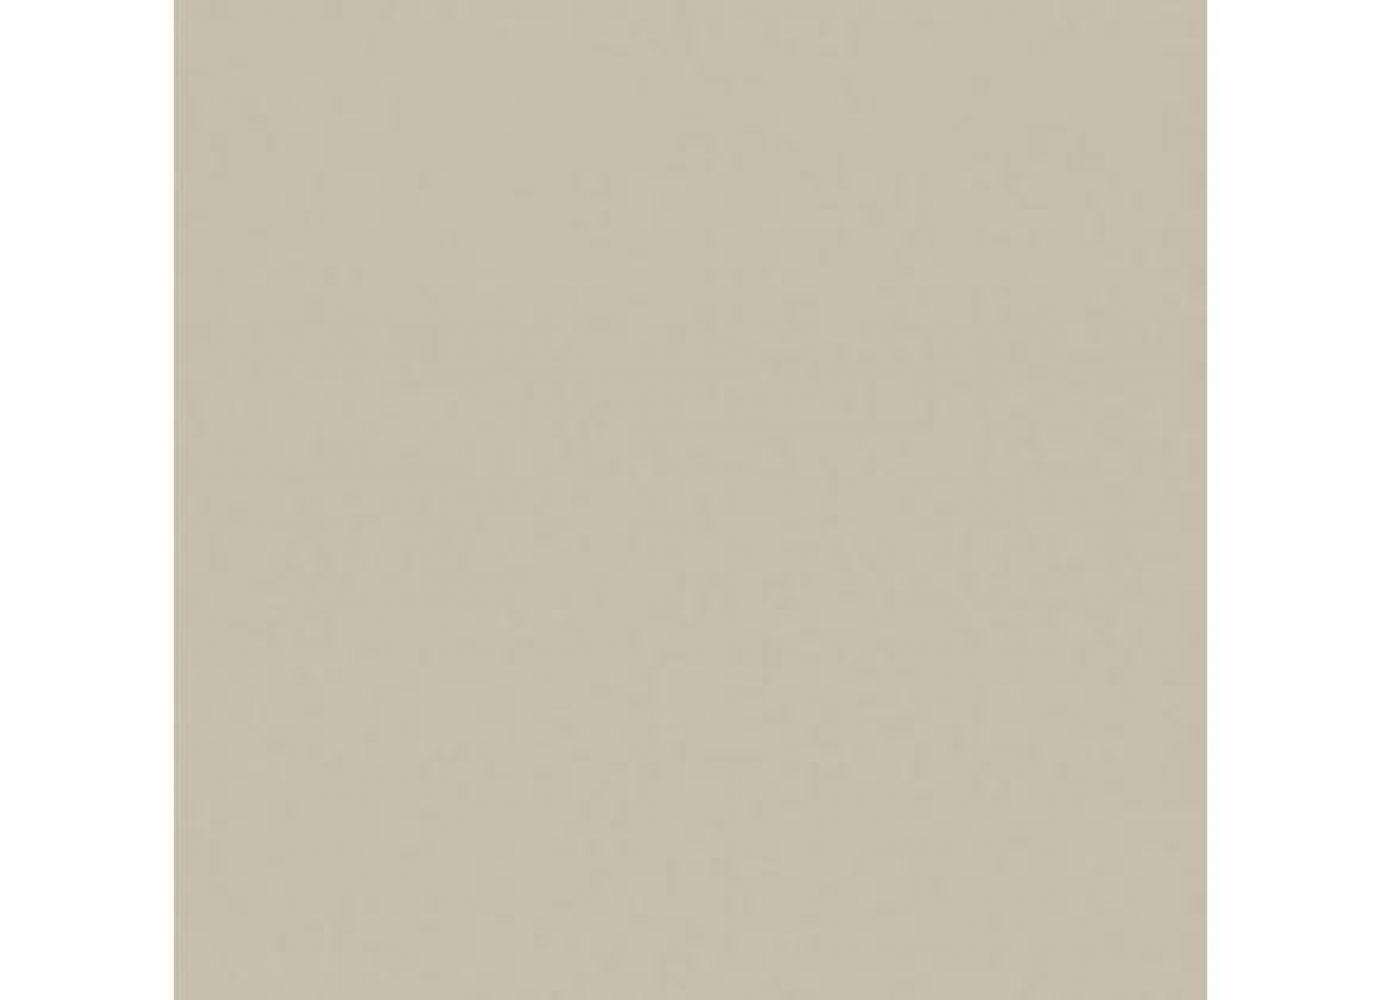 Acquista 100 Pezzi Coprimacchia Antigoccia 17545757 | Glooke.com